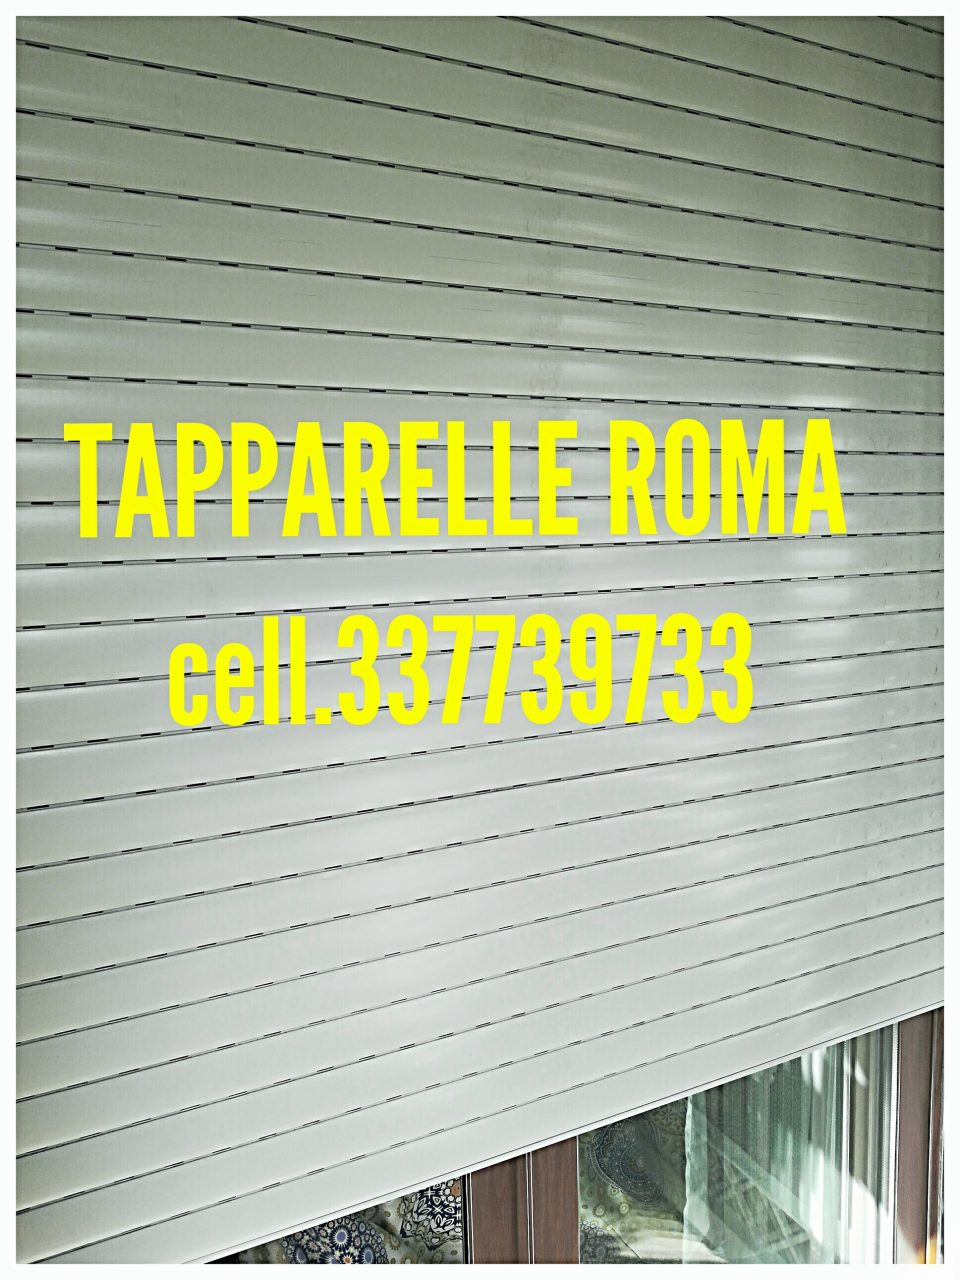 Riparazioni tapparelle Torrino Eur roma Dario cell.337739733